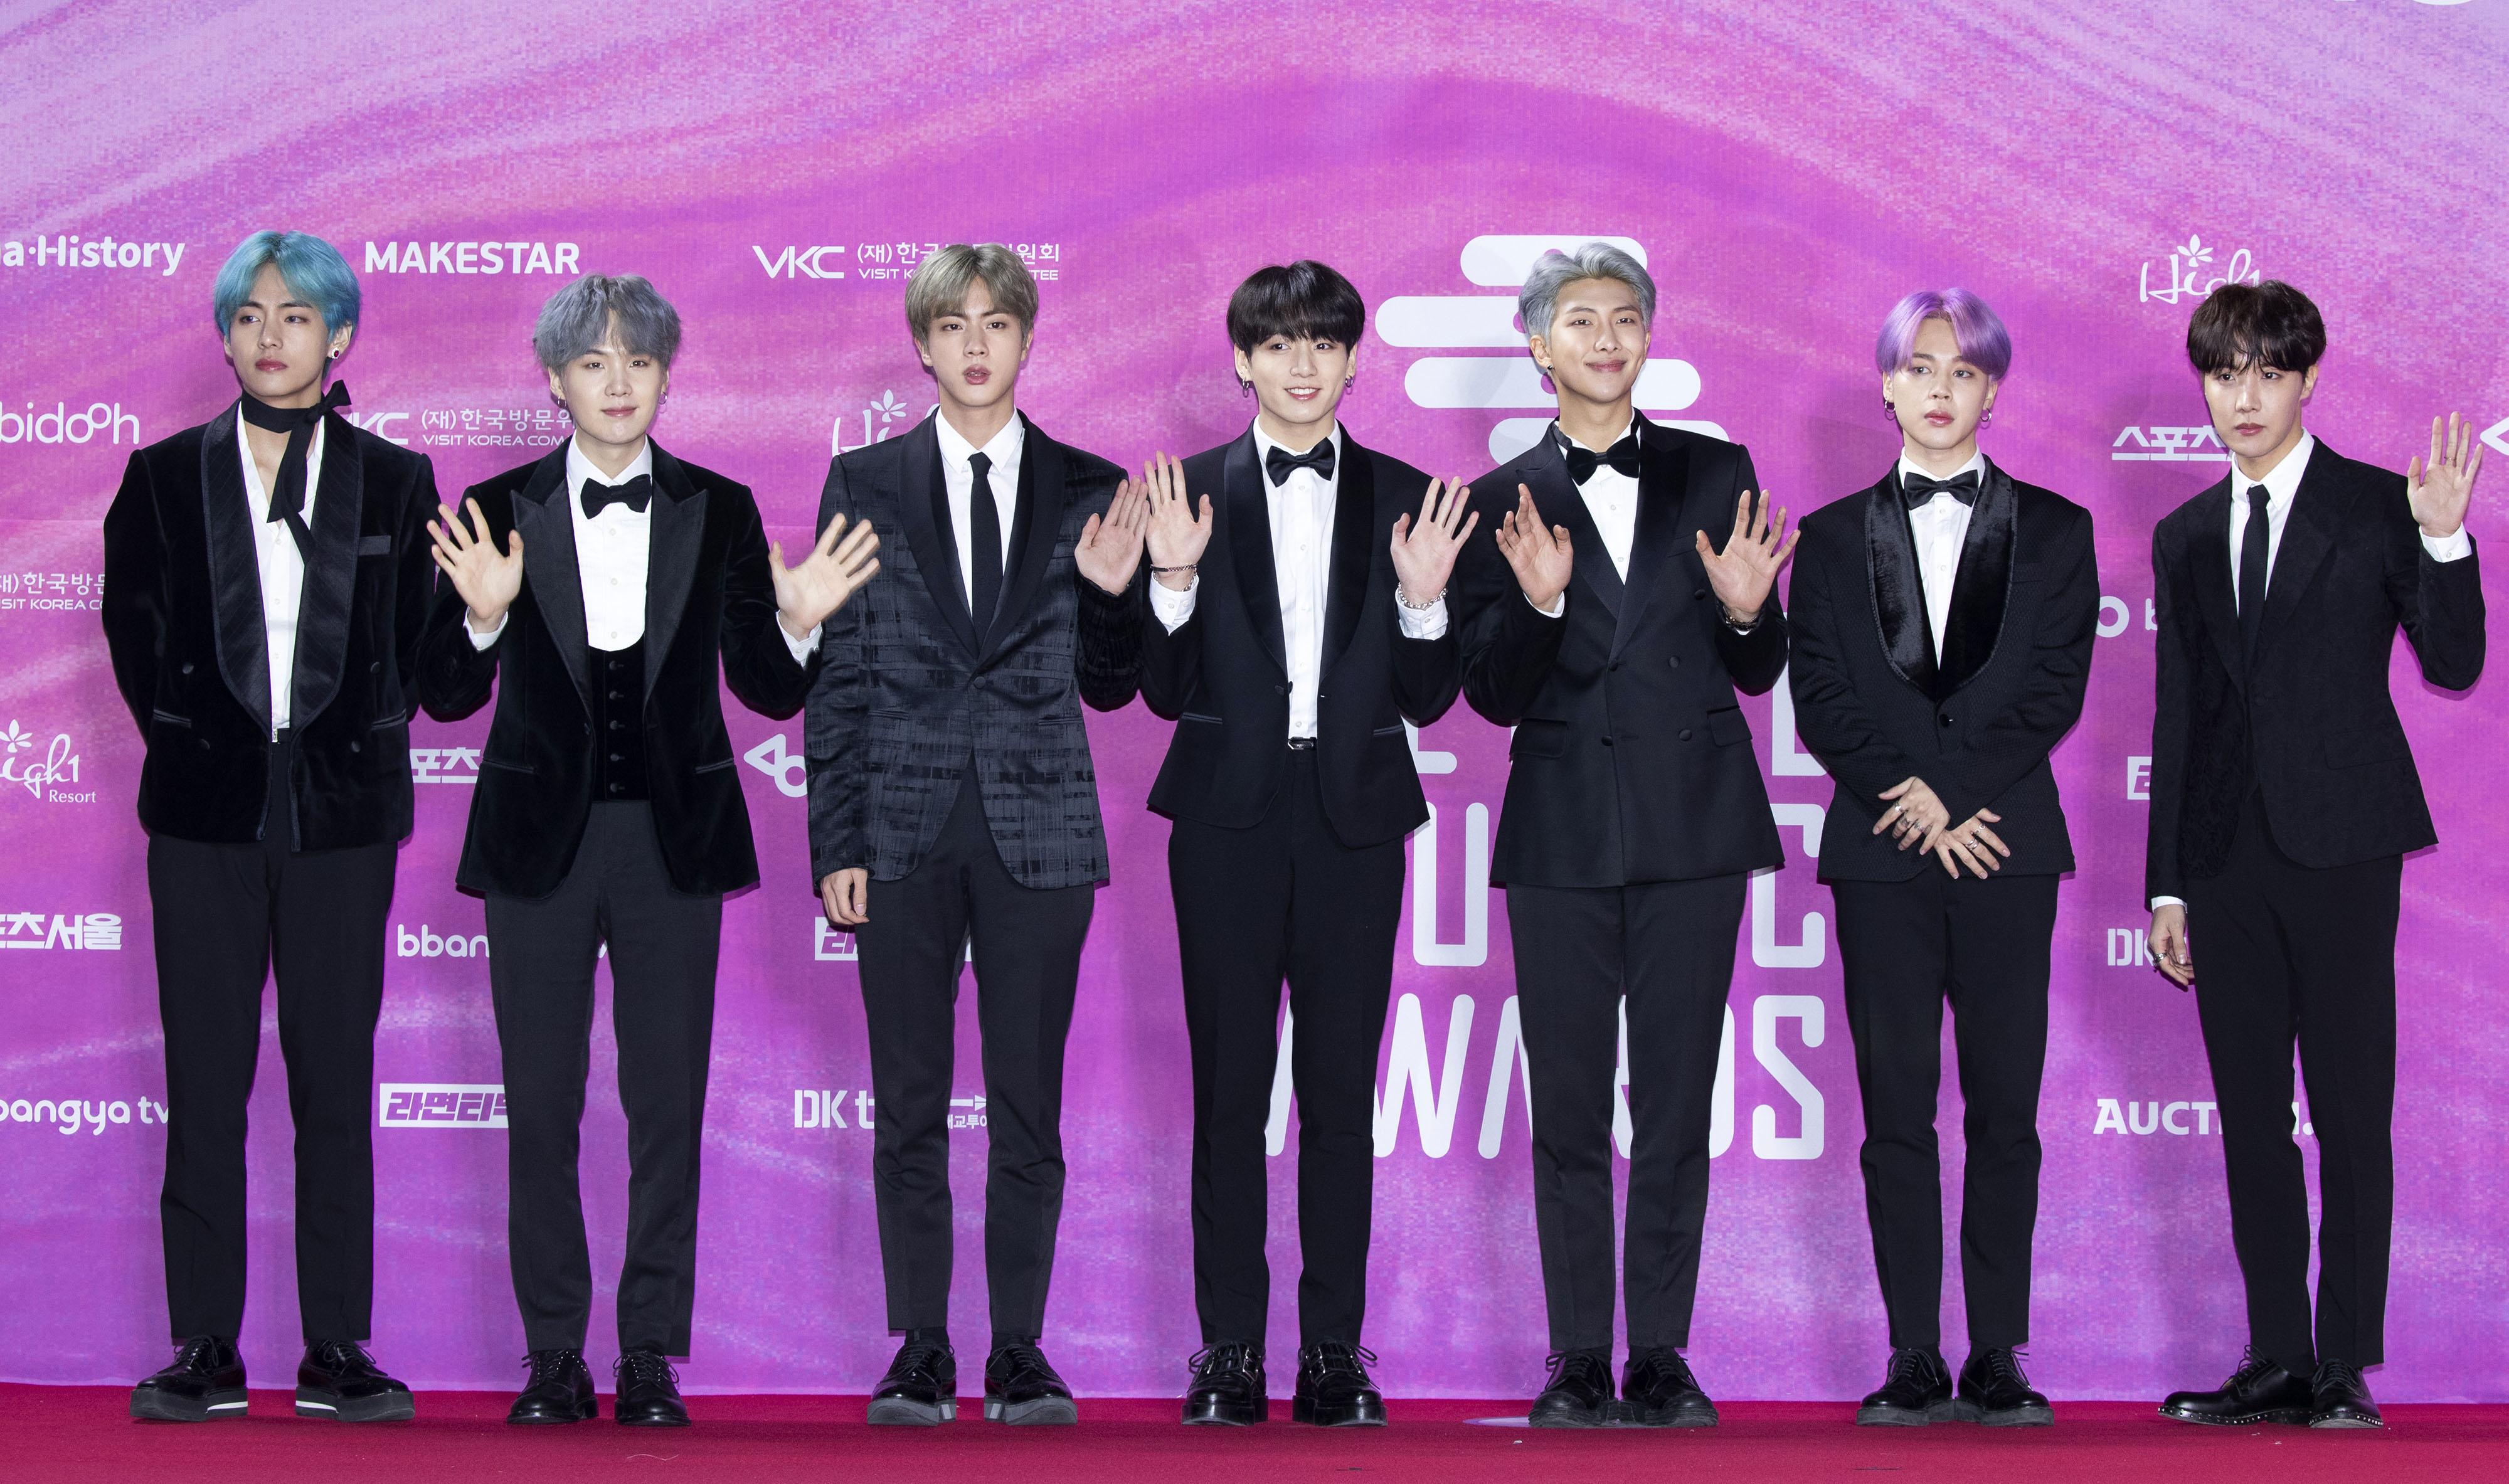 Según datos de AFP se estima que el fenómeno K-pop BTS genera cerca de 4 millones de dólares al año para la economía surcoreana. (Foto Prensa Libre: Lee Young-ho/Sipa USA.)